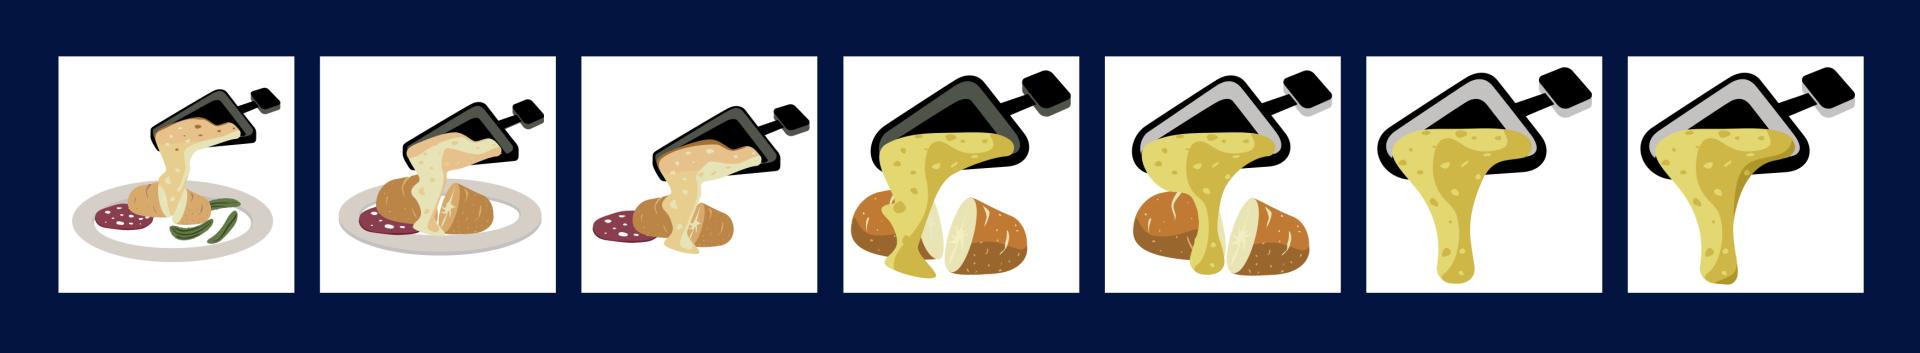 Le graphiste de Pixels a testé plusieurs façons de représenter une raclette en émoticône.